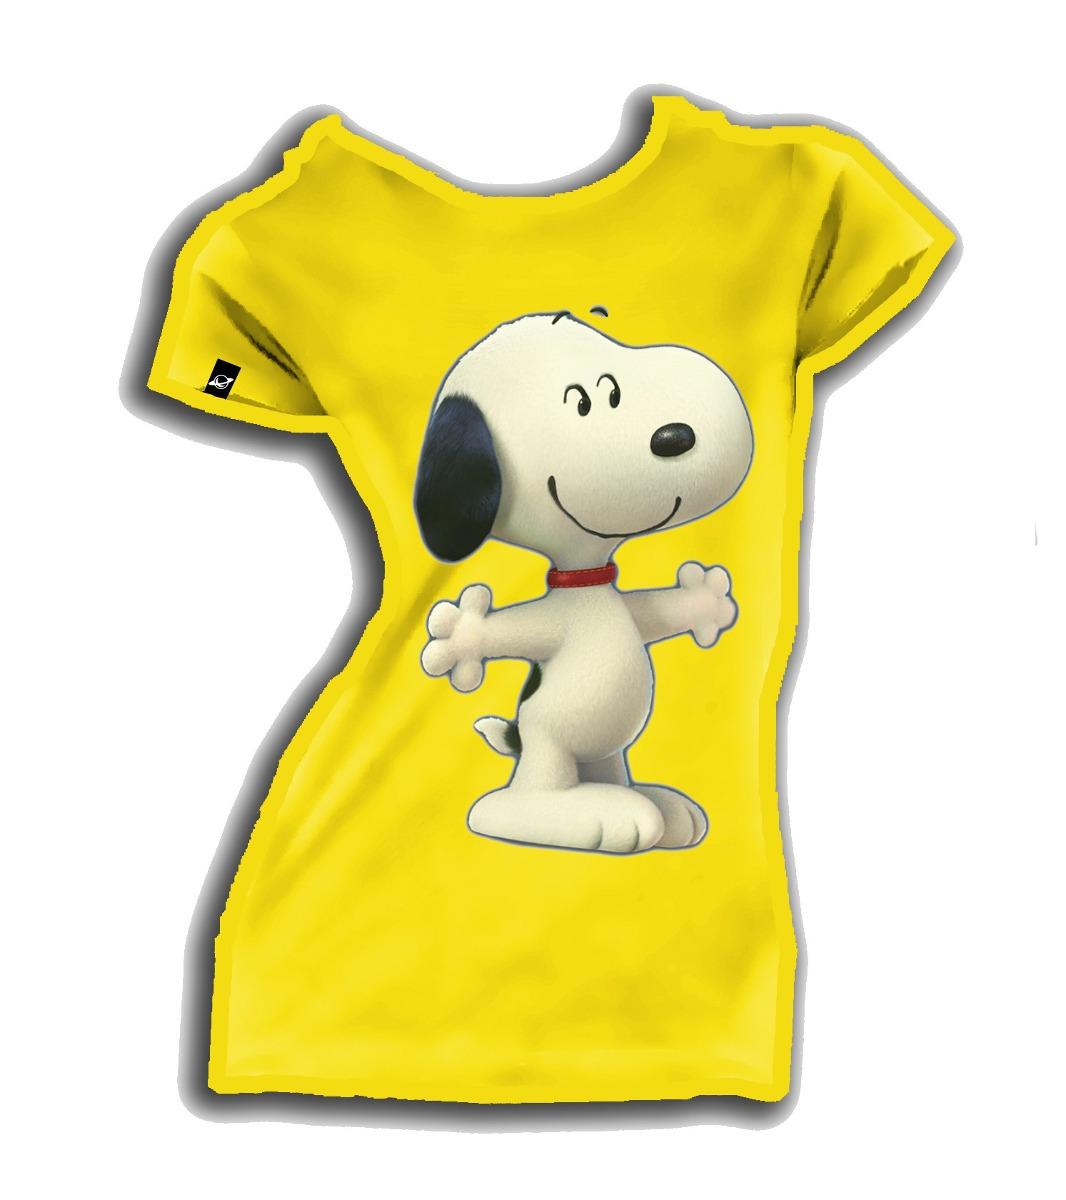 Playeras O Camiseta Unisex - Snoopy La Pelicula -   189.00 en Mercado Libre b8fbf8fc03cbd